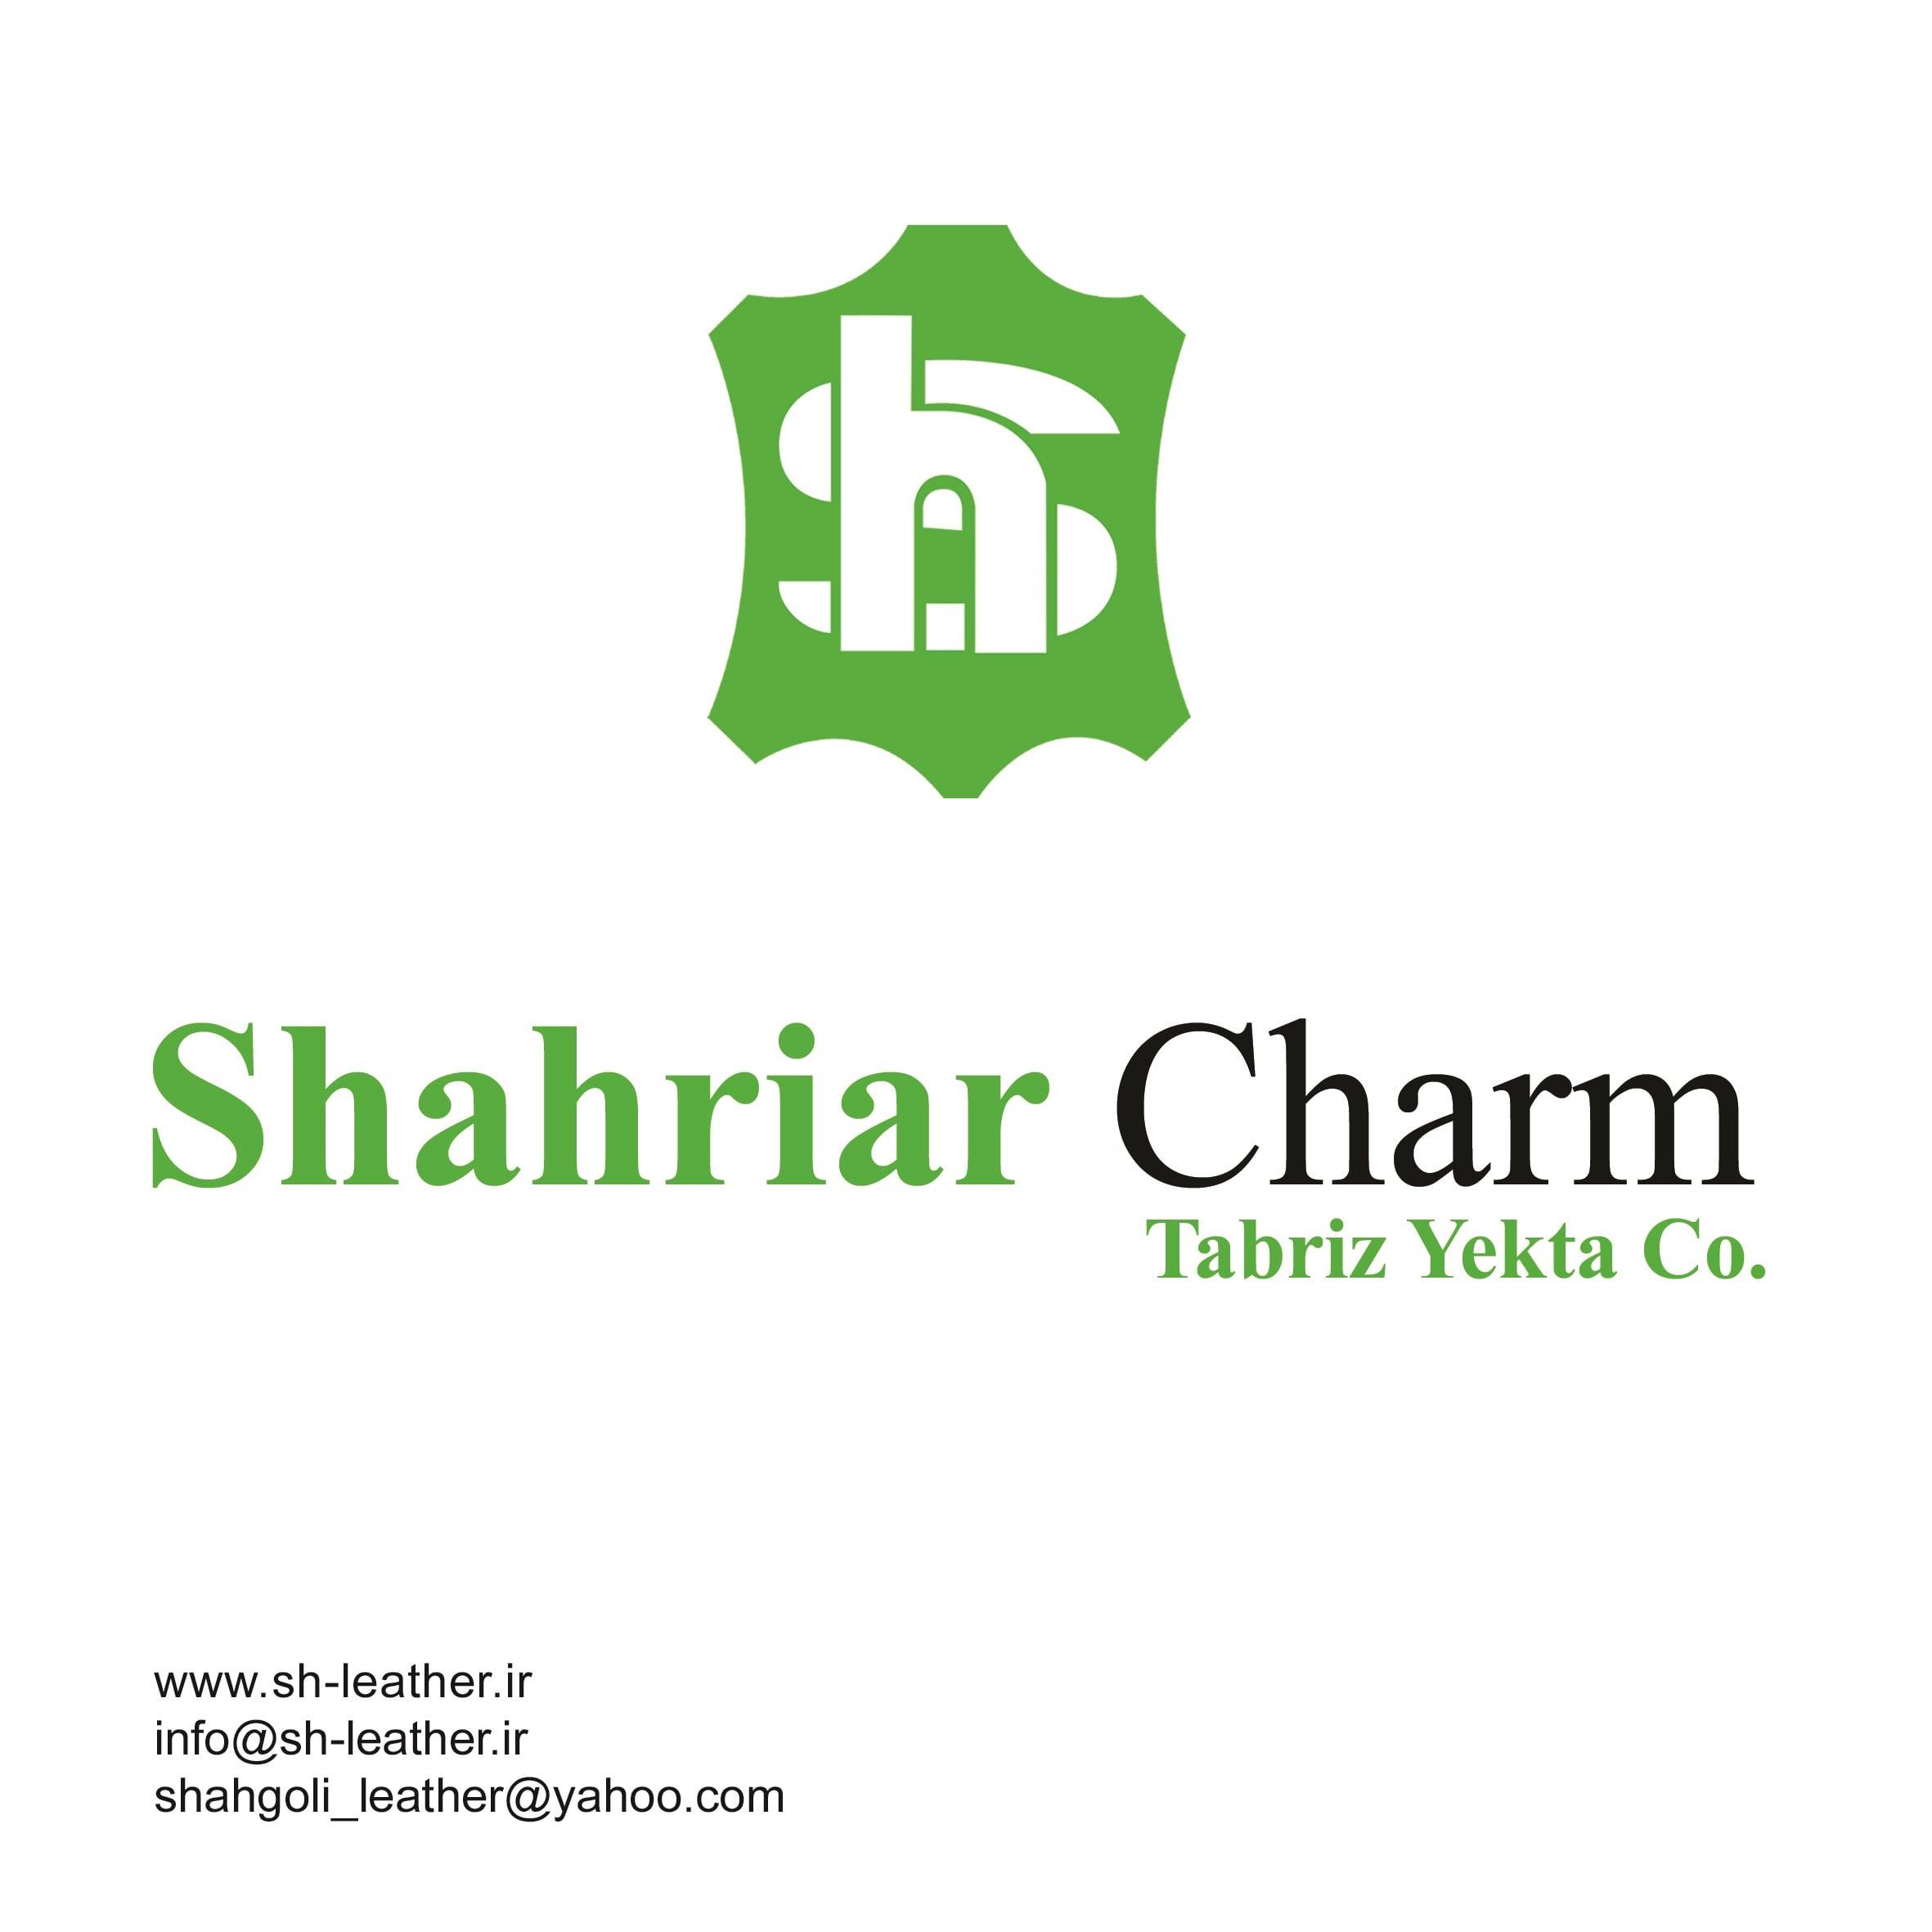 Shahriar Charm